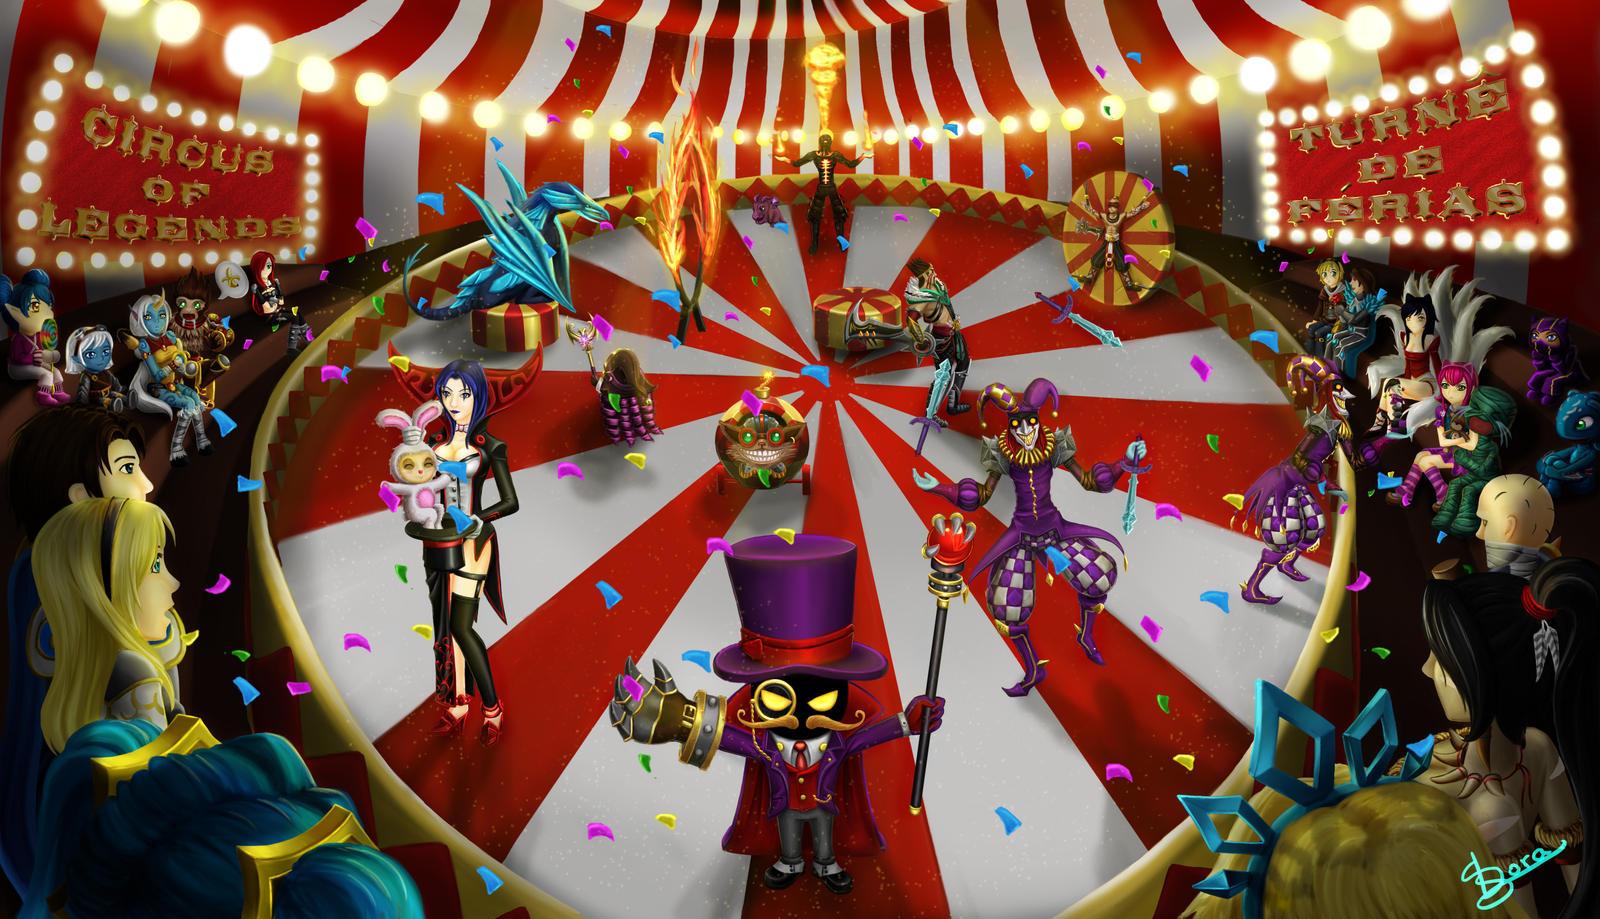 http://fc09.deviantart.net/fs71/i/2013/208/2/2/circus_of_legends_by_owarinaisora-d6ff4jc.jpg